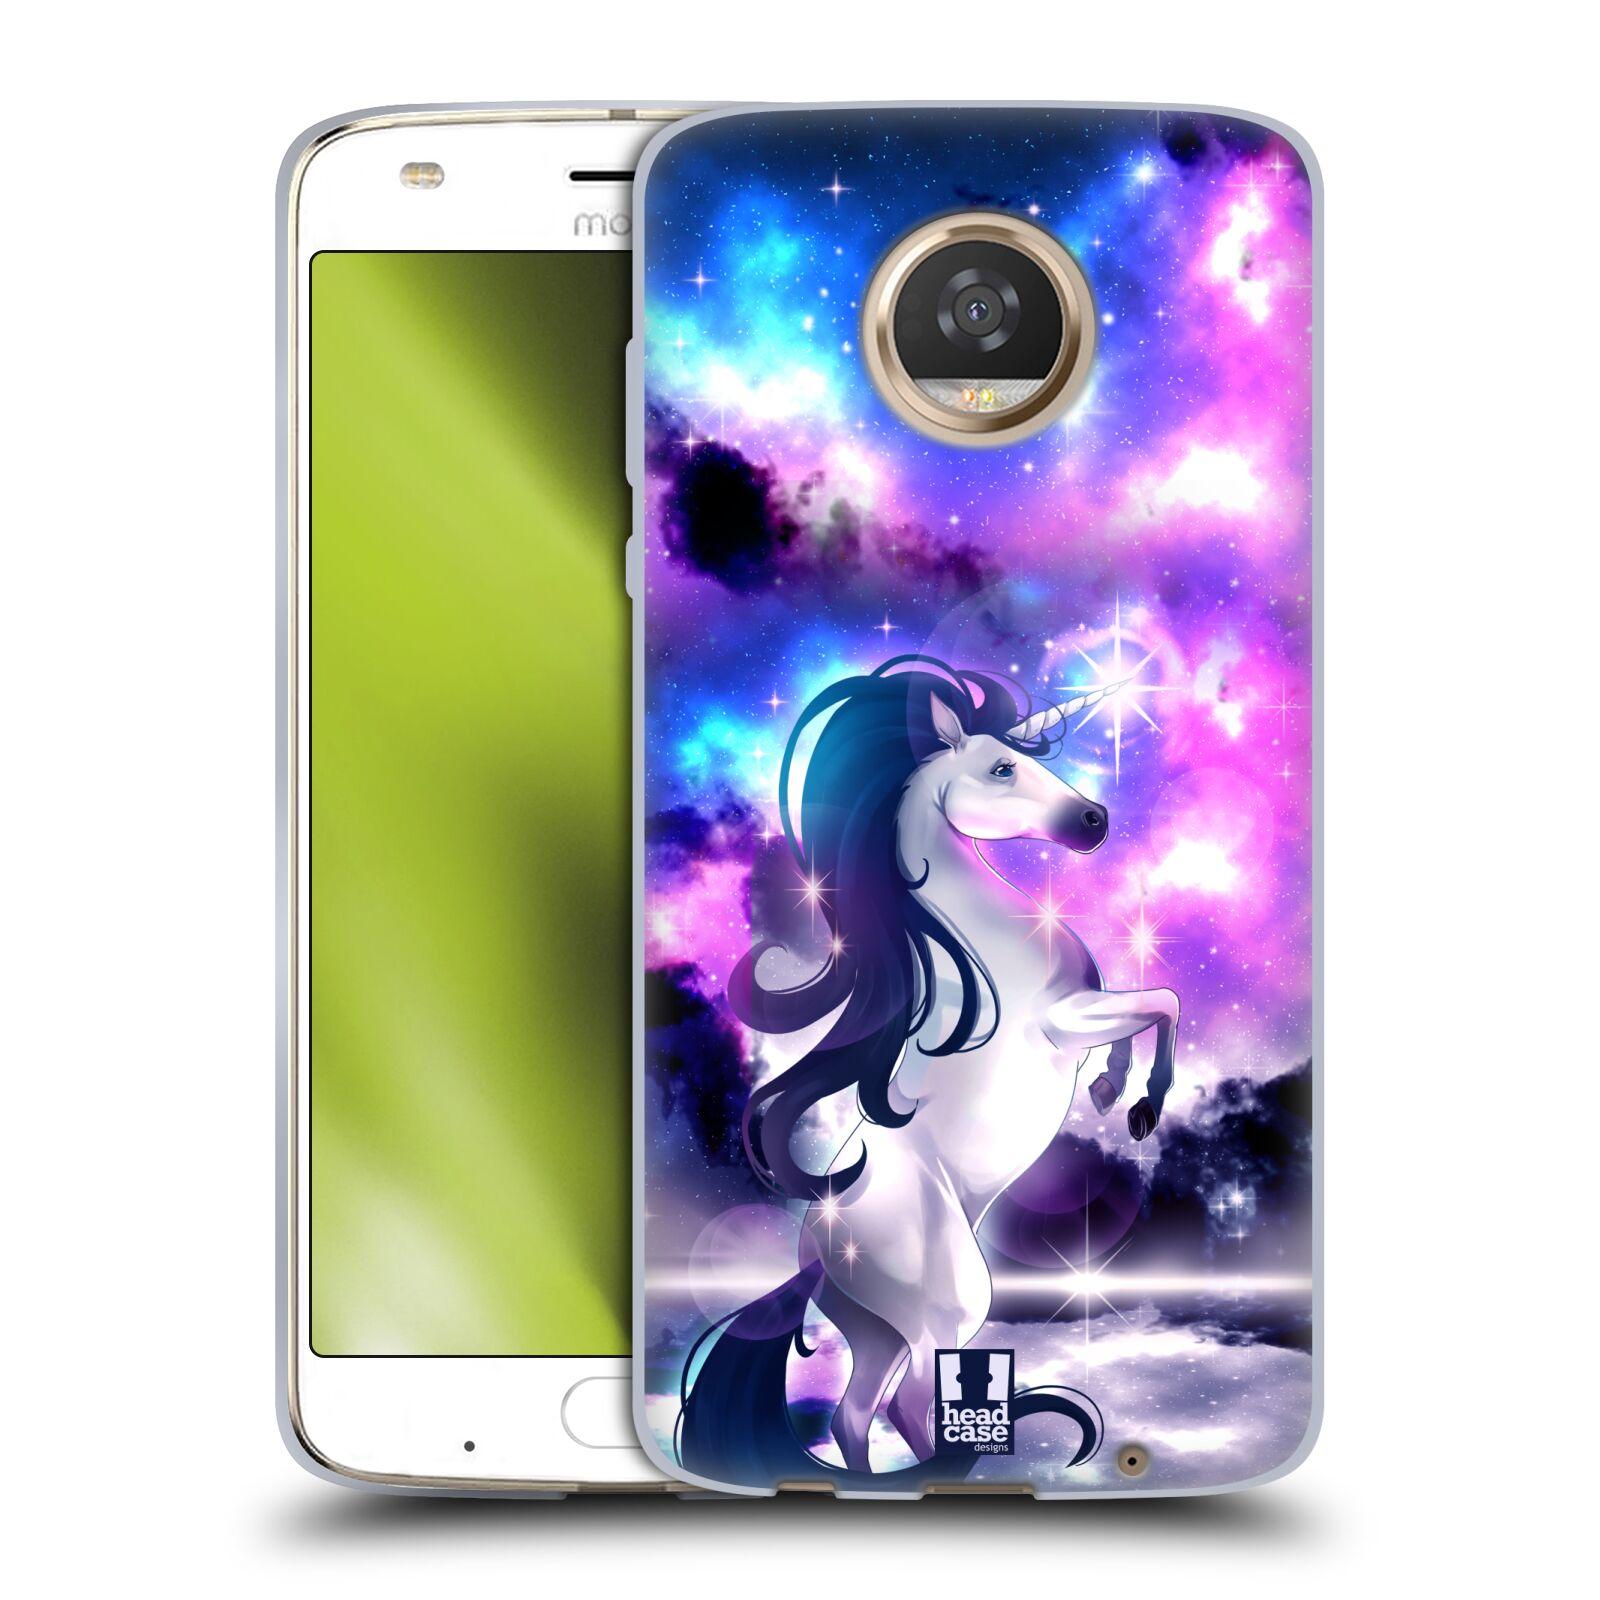 Funda-HEAD-CASE-DESIGNS-CON-encantado-Unicornios-Gel-Suave-Para-Telefonos-Motorola